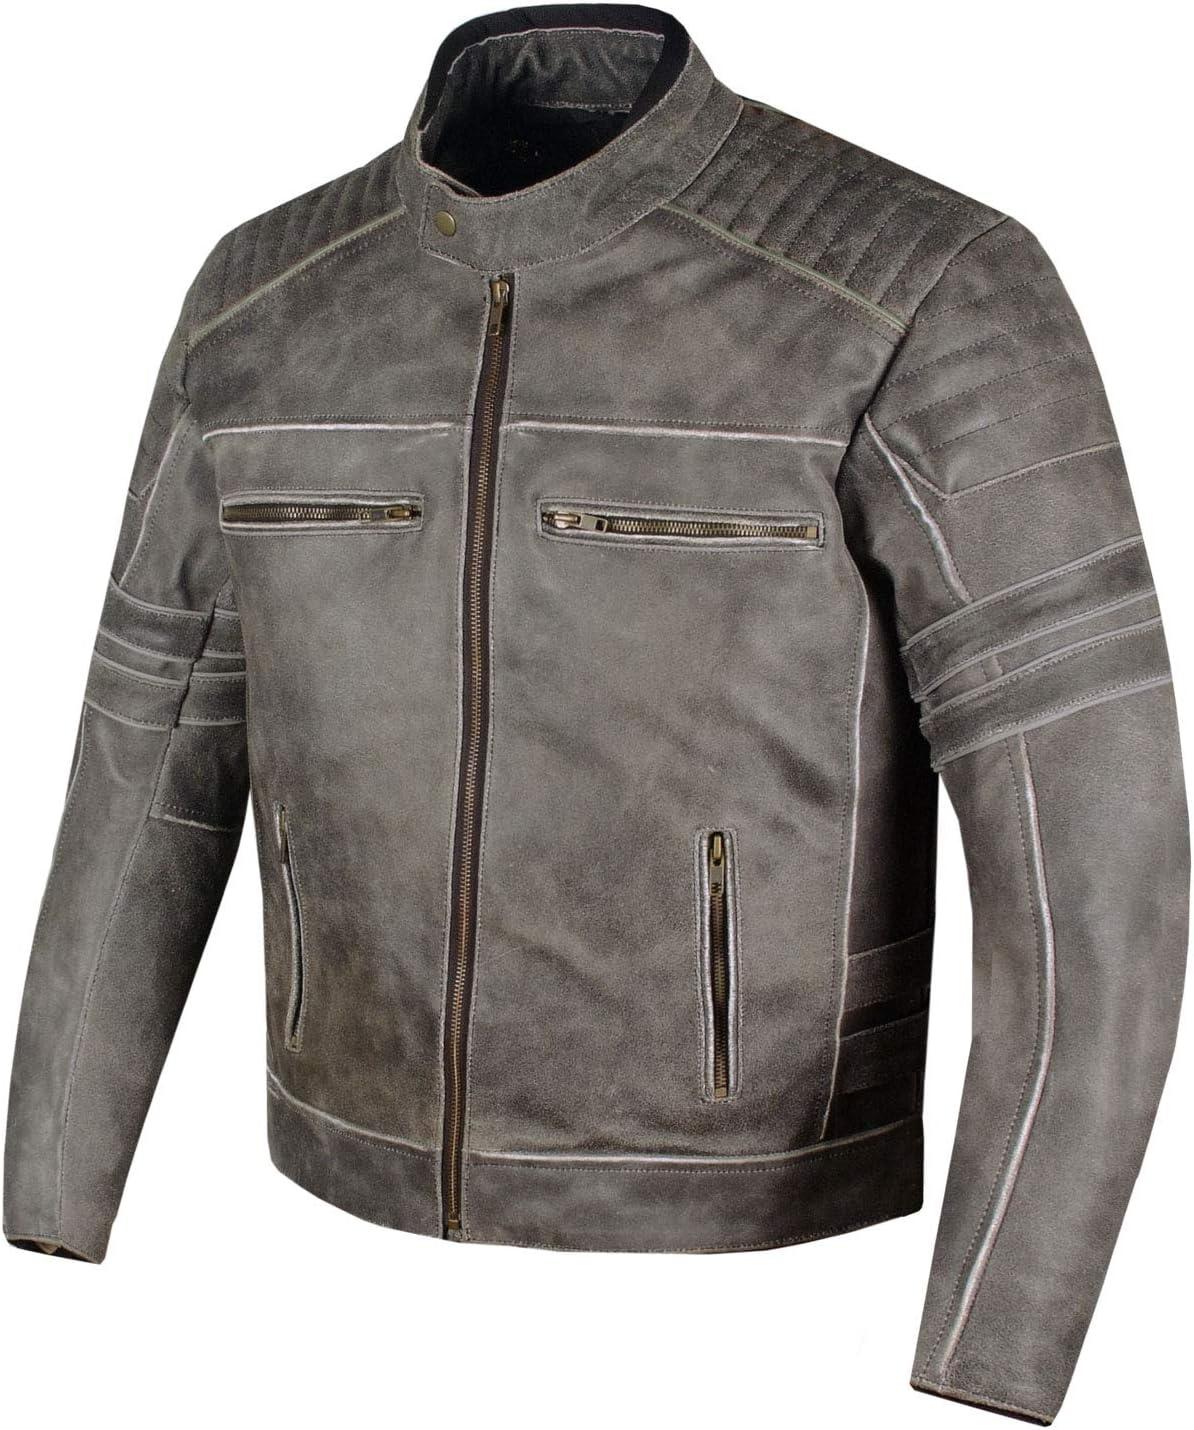 Mens SHADOW Motorcycle Distressed Cowhide Leather Armor Black Jacket Biker XXL